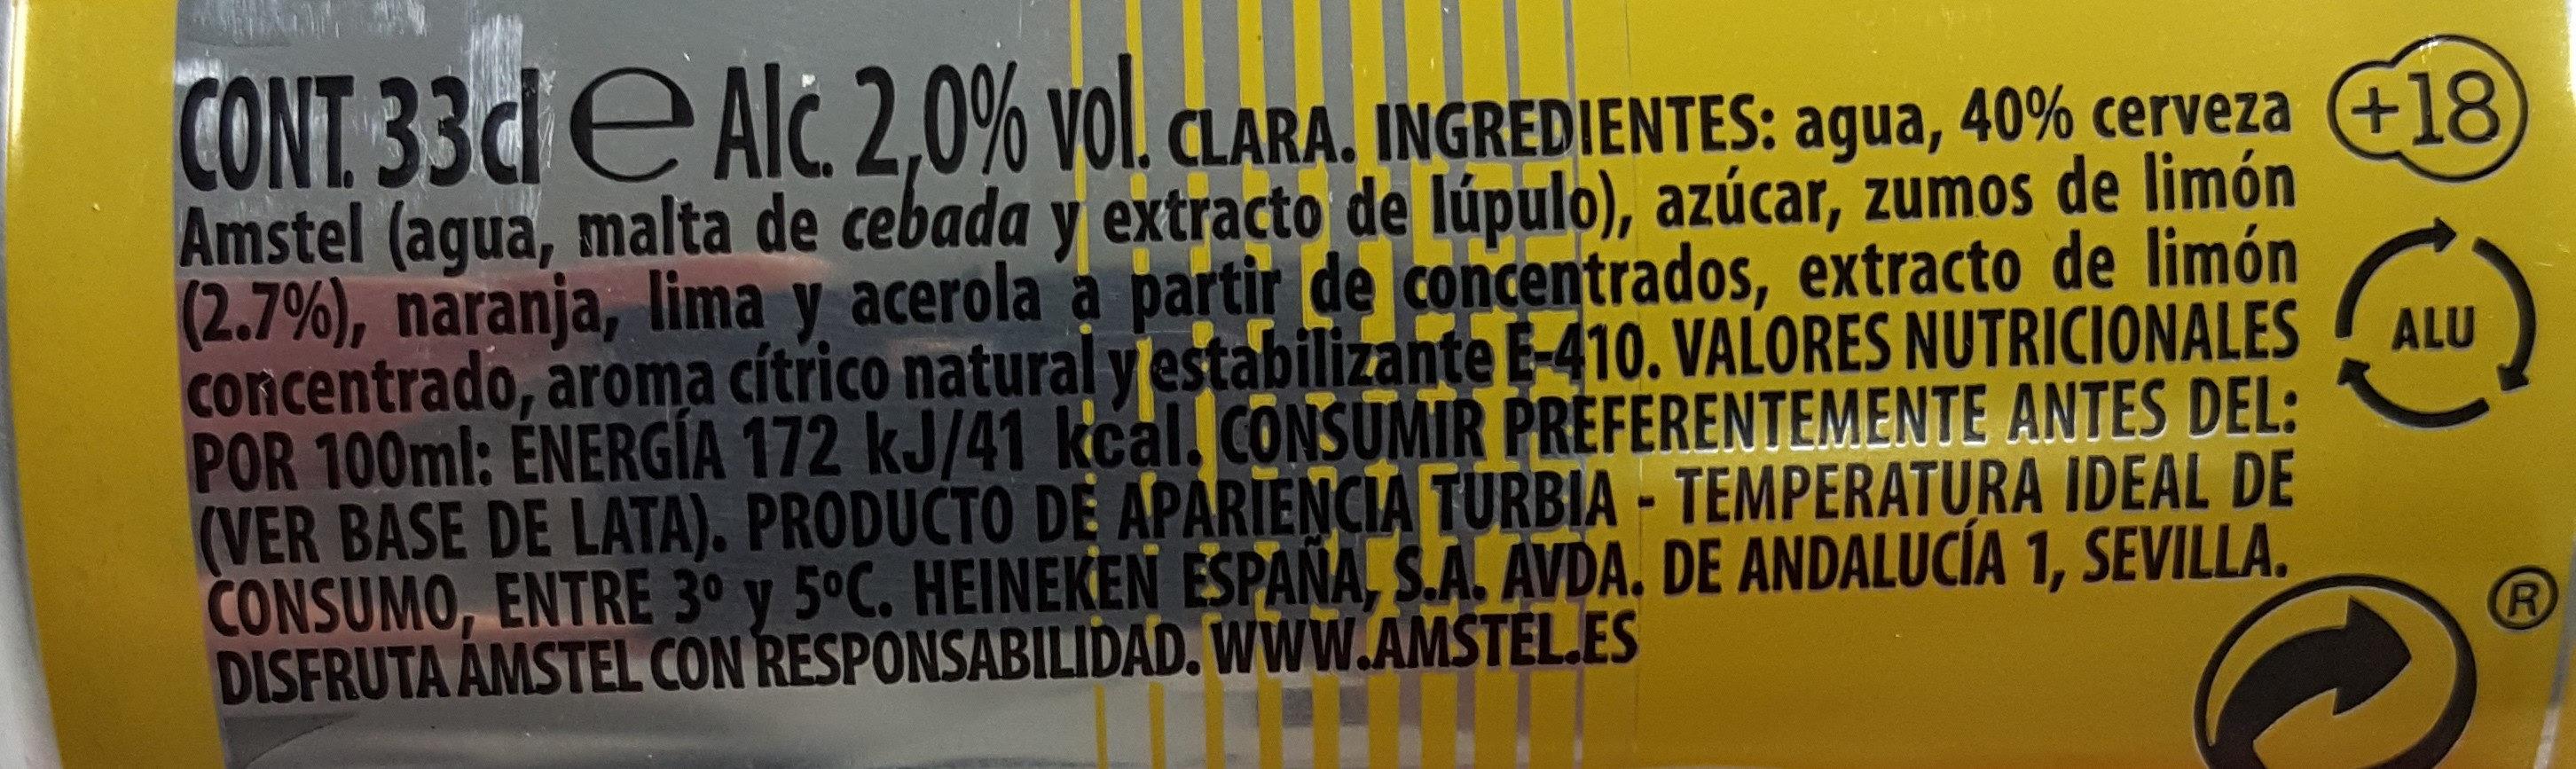 Amstel Radler - Ingredients